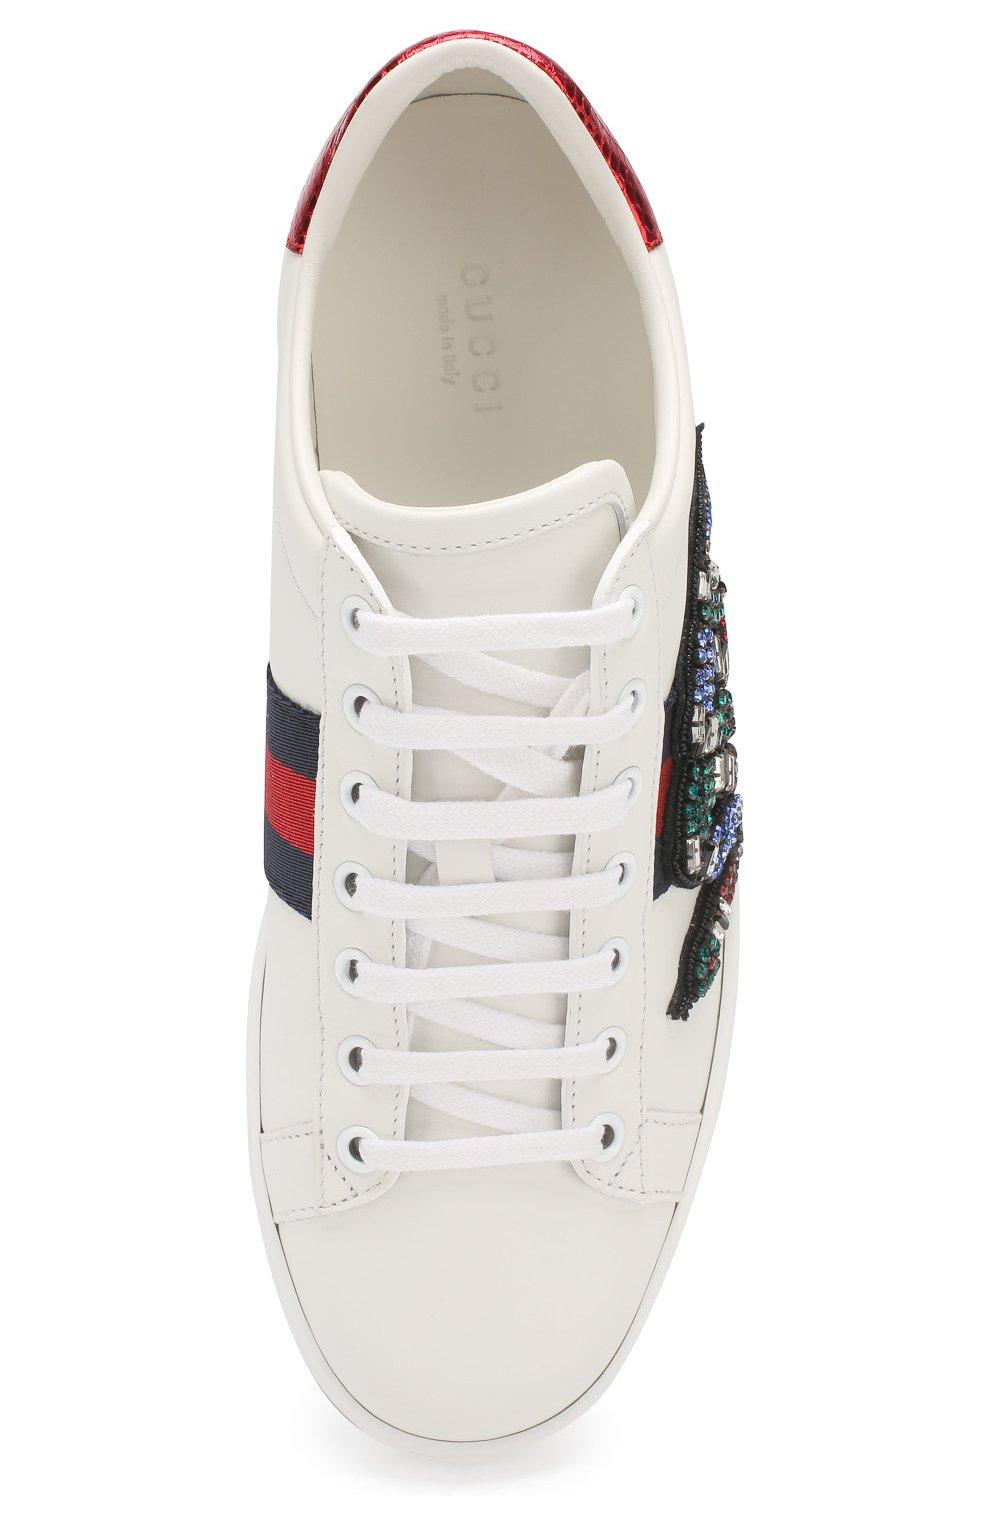 40d0947ad Женская обувь Gucci по цене от 20 900 руб. купить в интернет-магазине ЦУМ